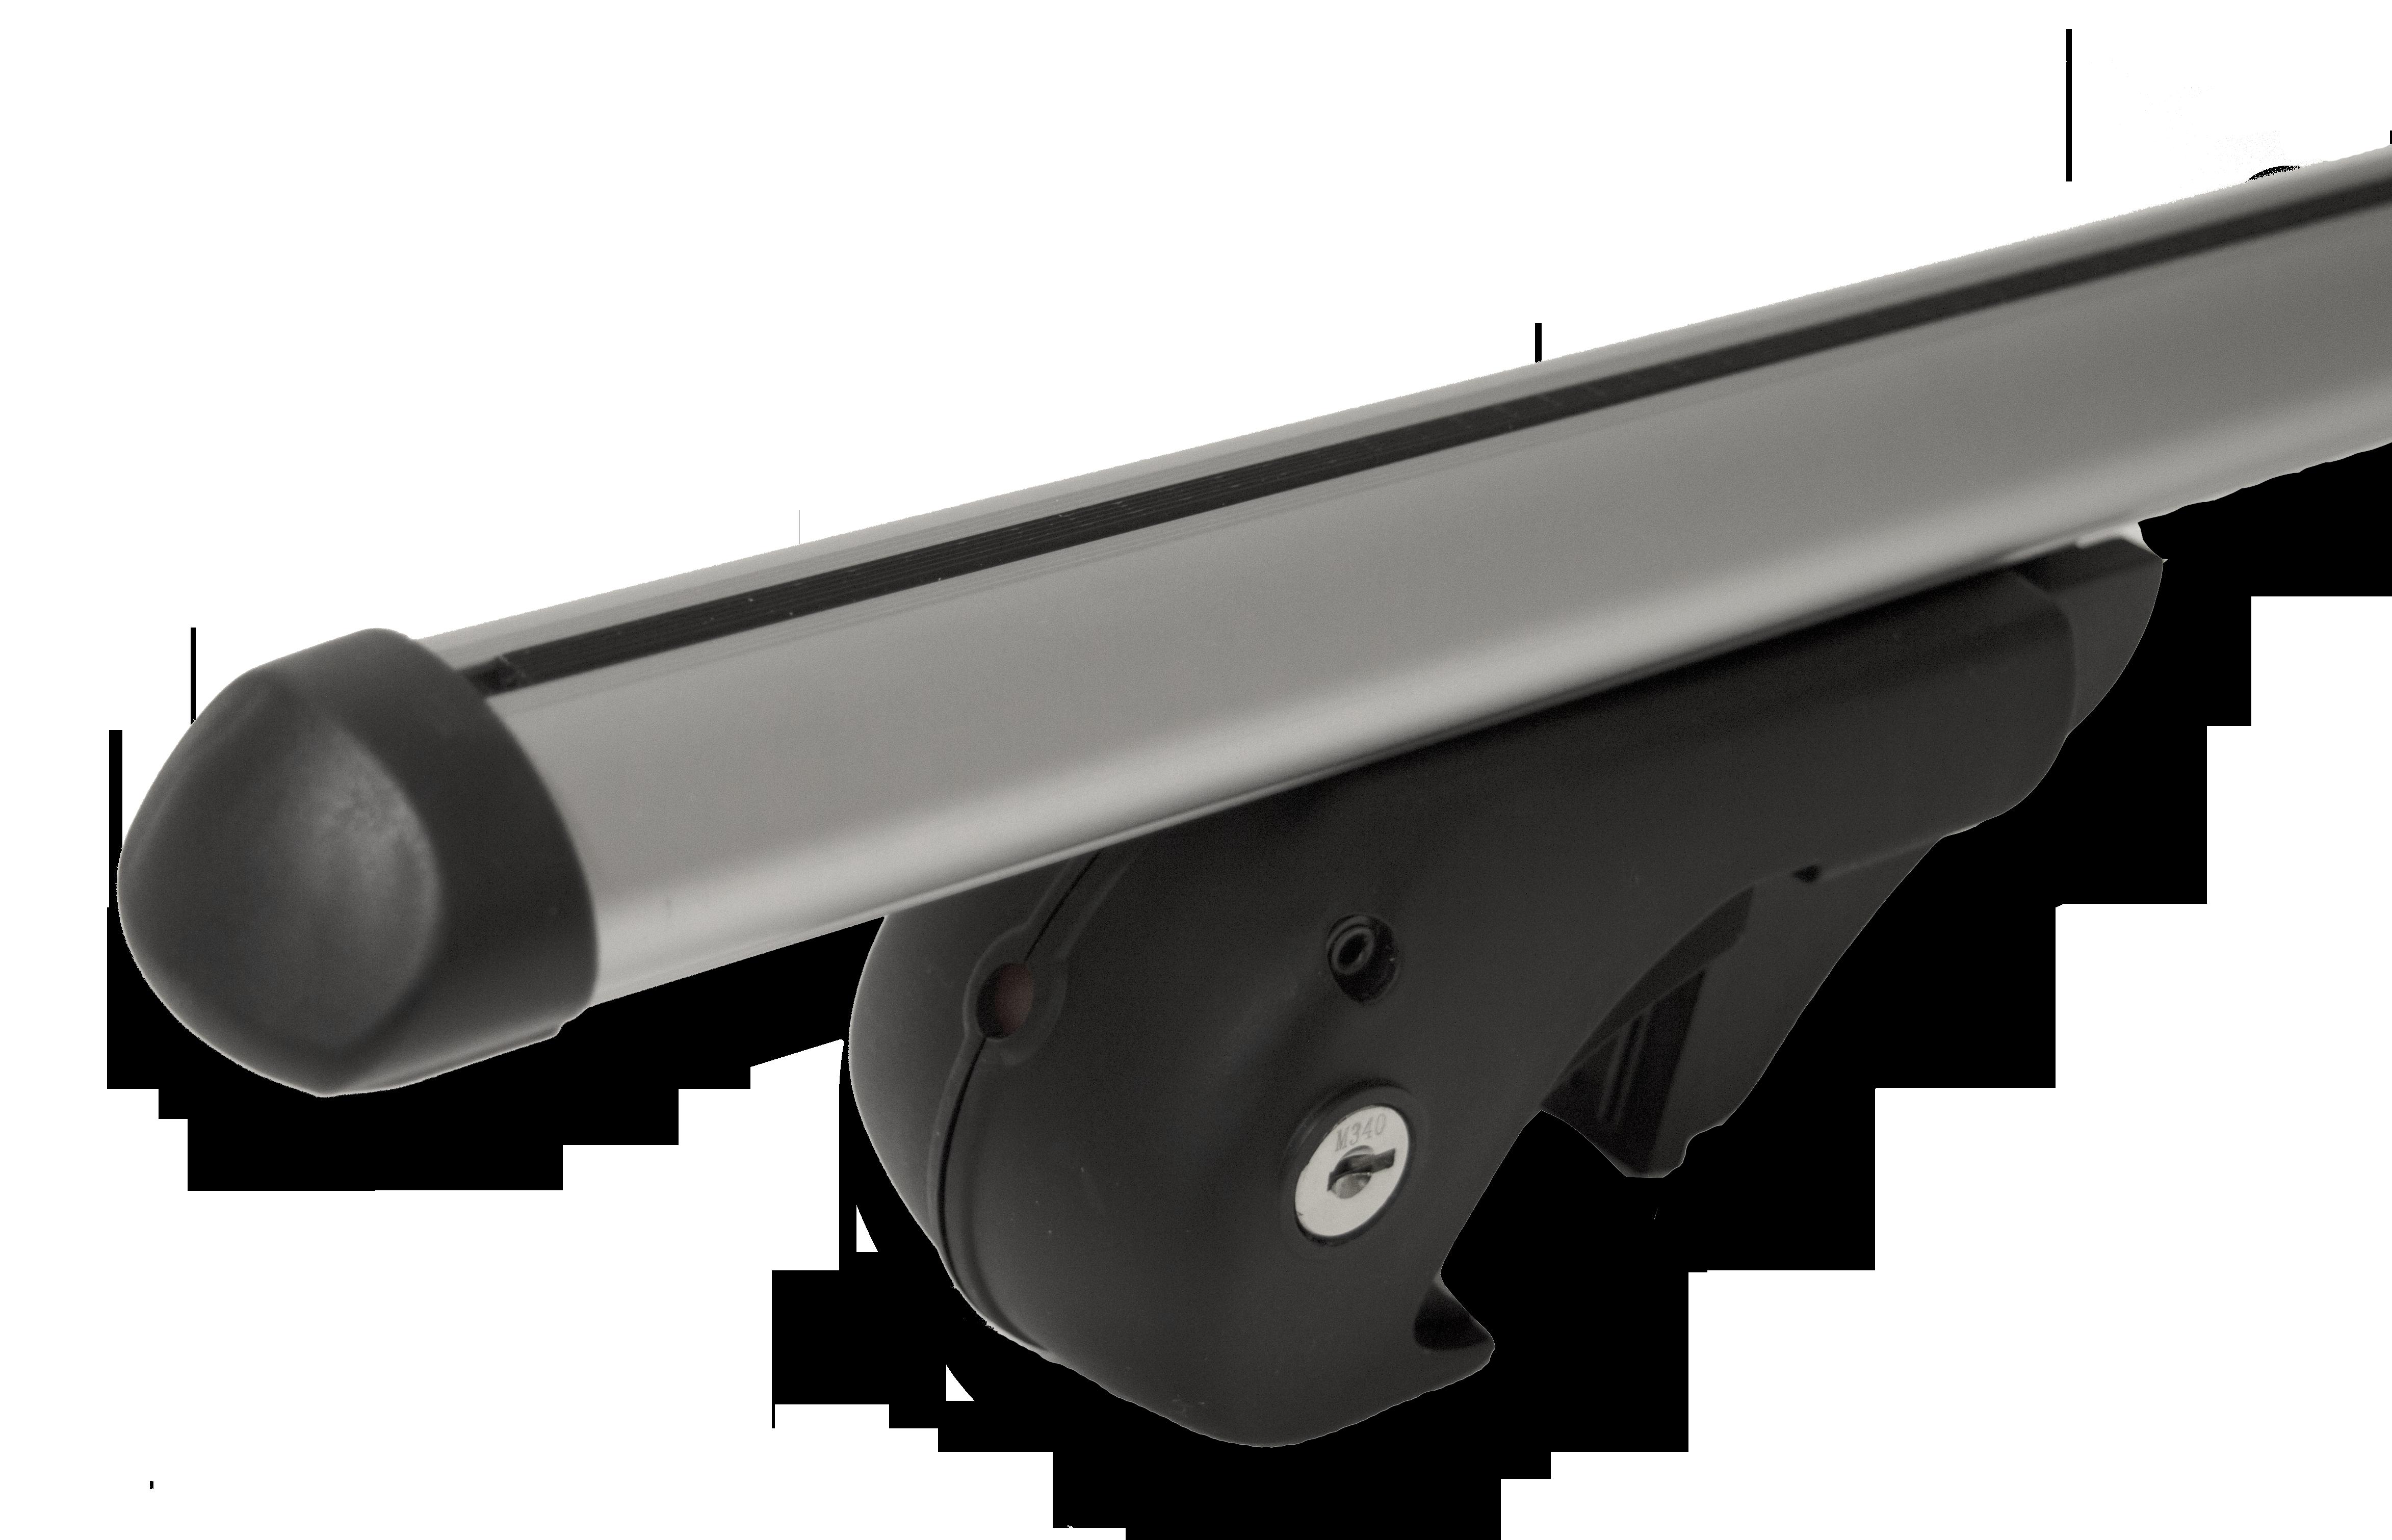 Maypole RB1040 Eagle Universal Aluminium Roof Bars 1.2M for Raised Roof Rails